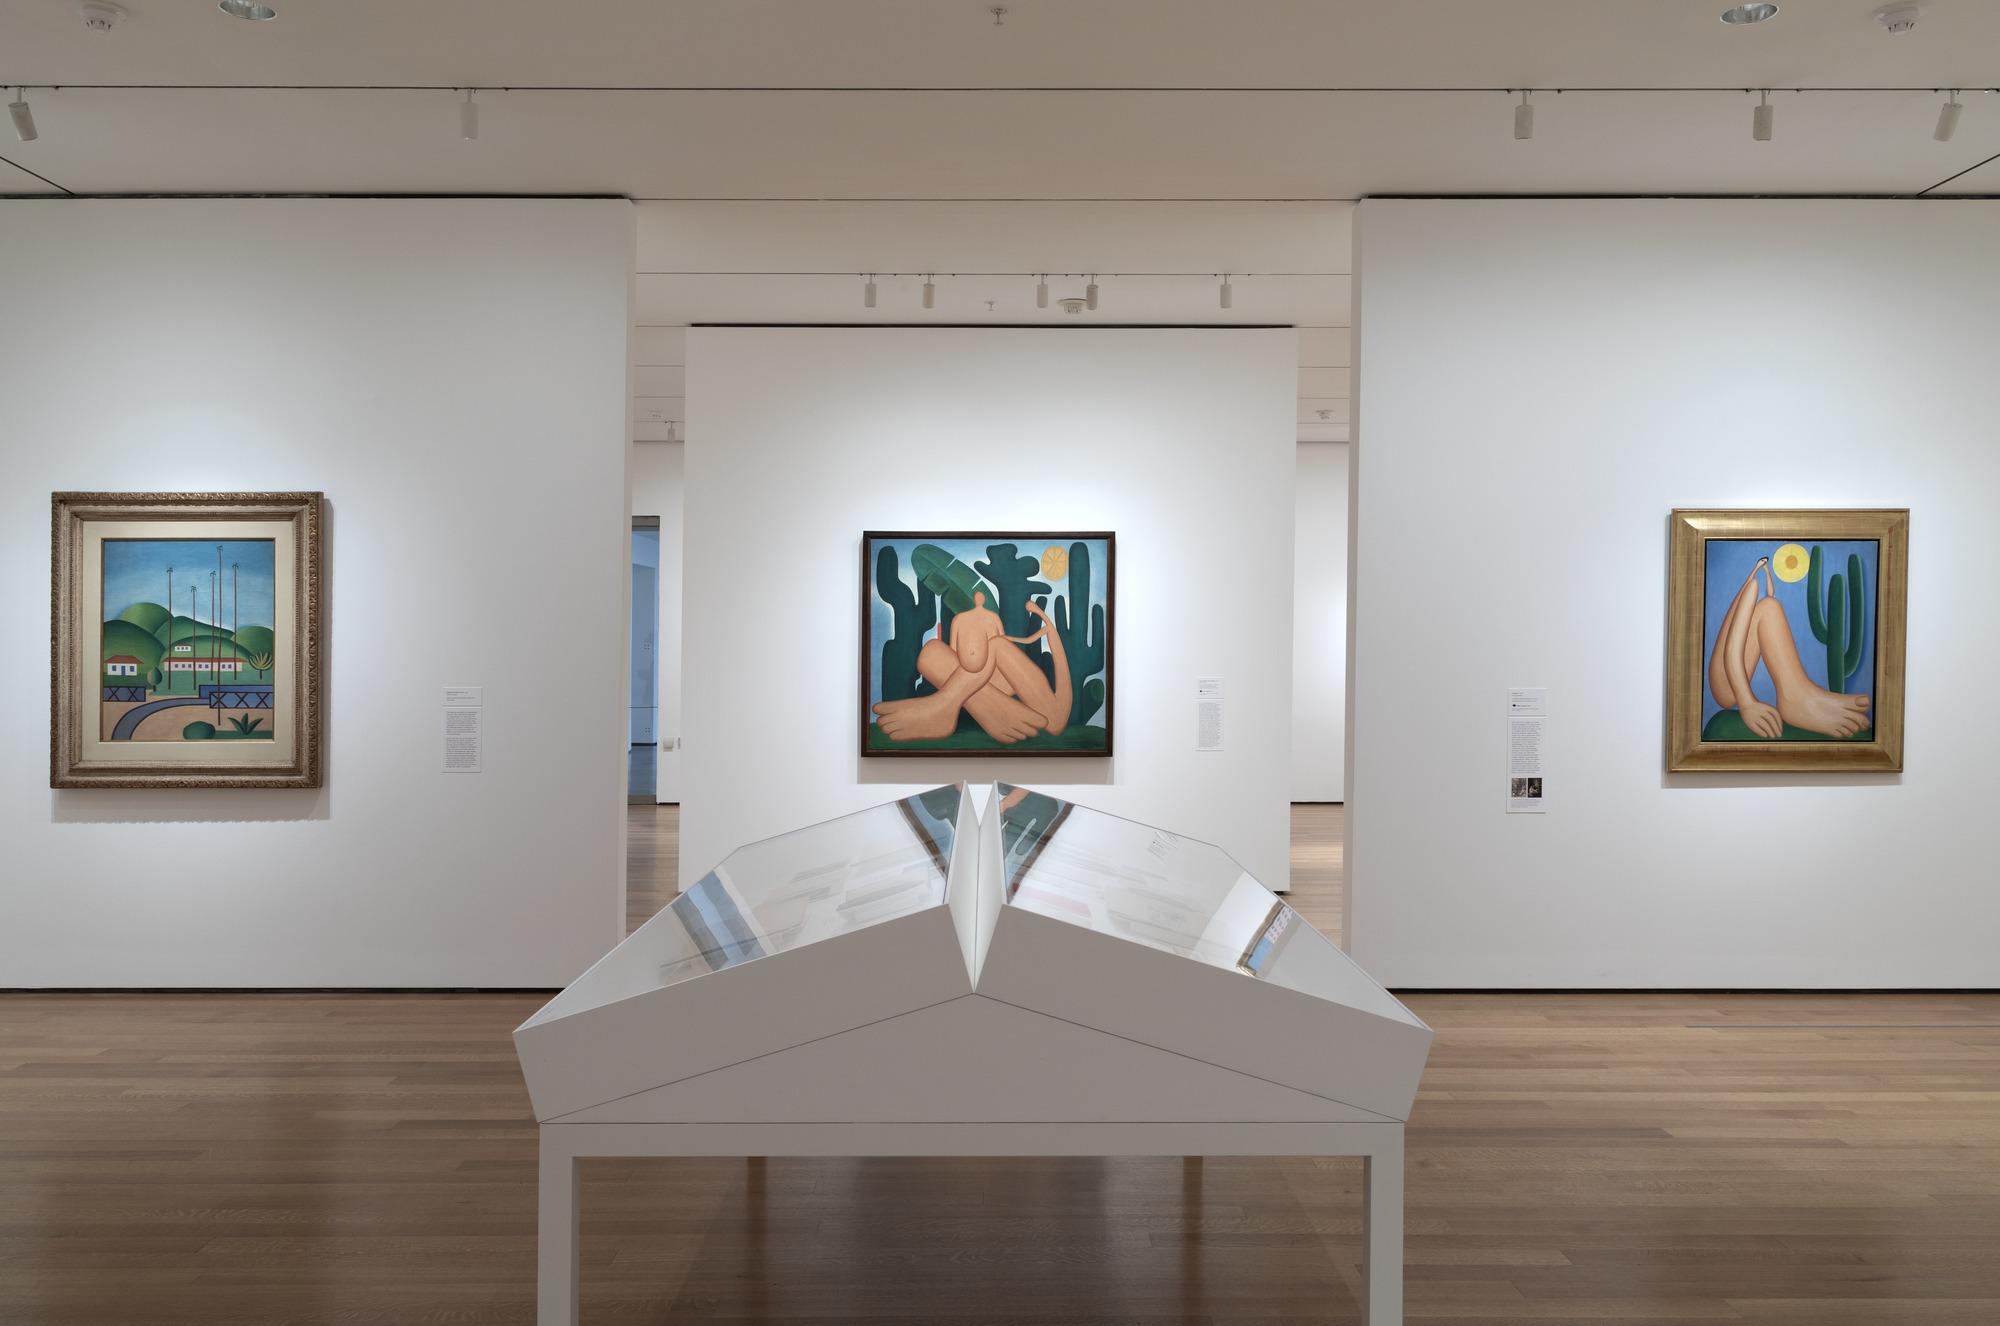 Tarsila no MoMA, exposição